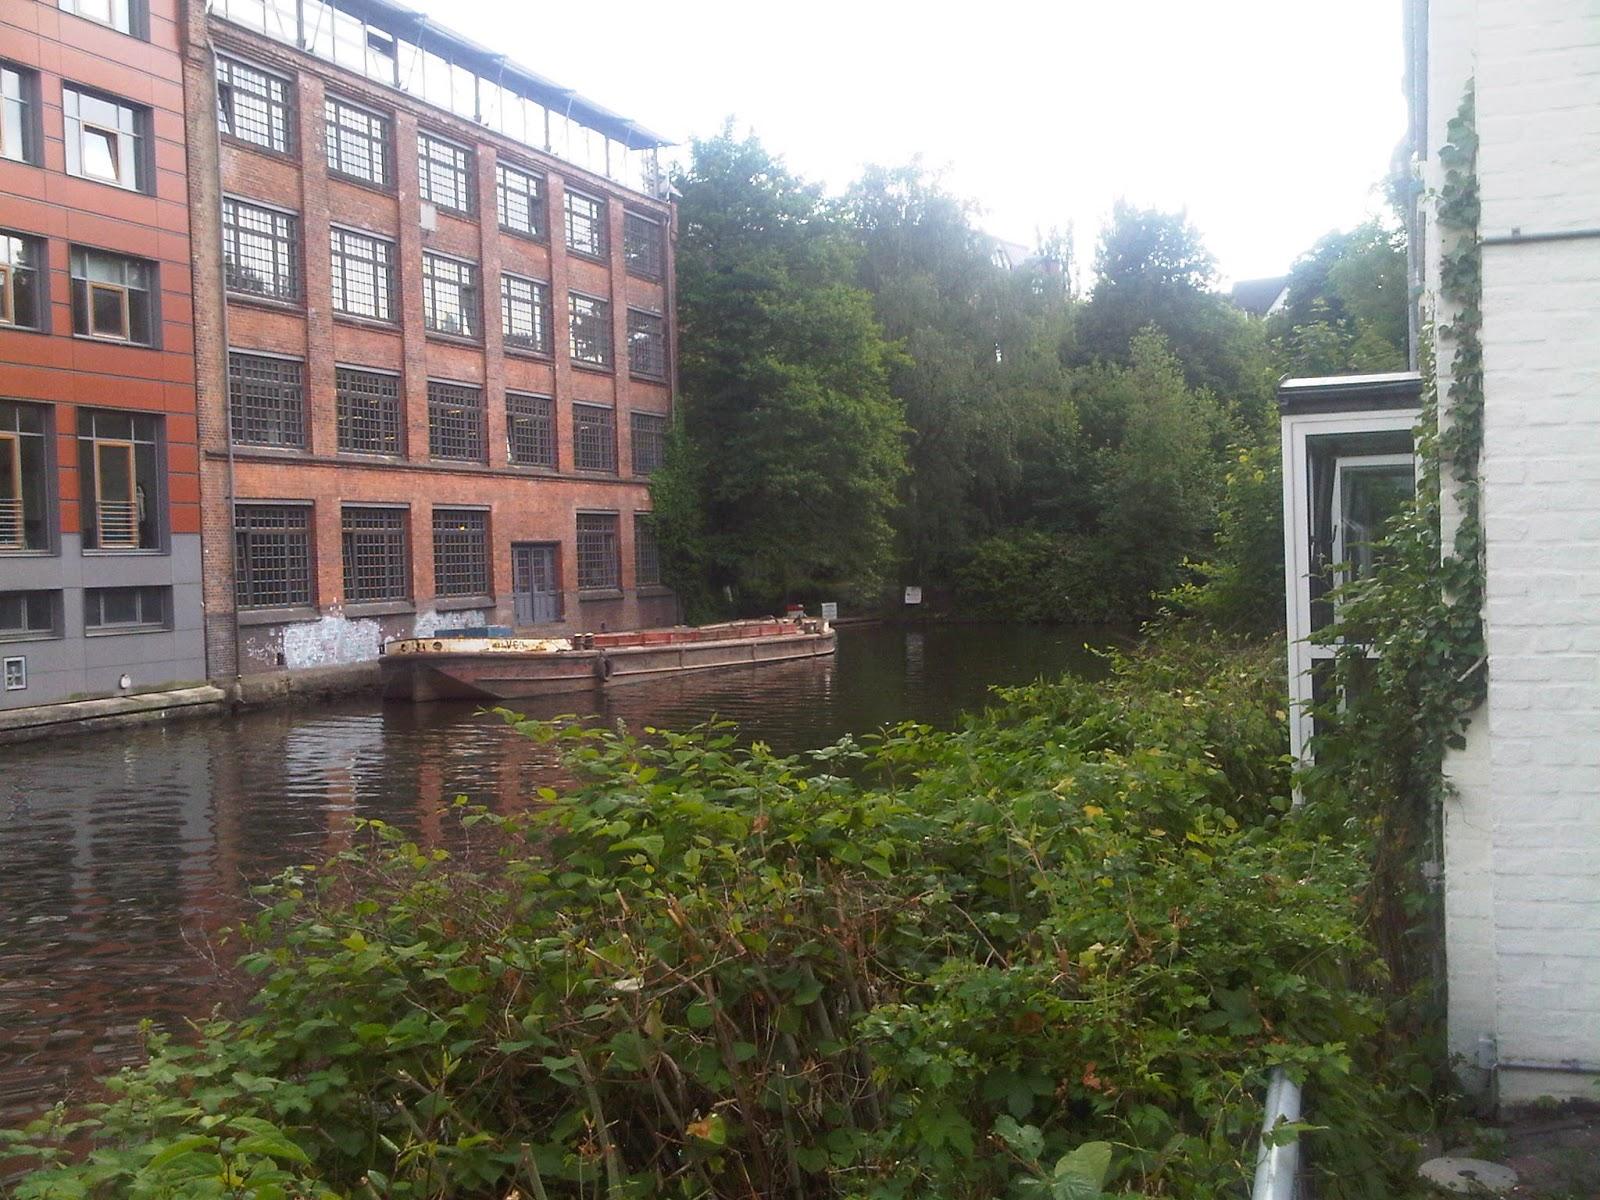 Goldbeckkanal mit Schute und altem Gebäude. Wasser, Büsche. Rotklinker-Fassade.